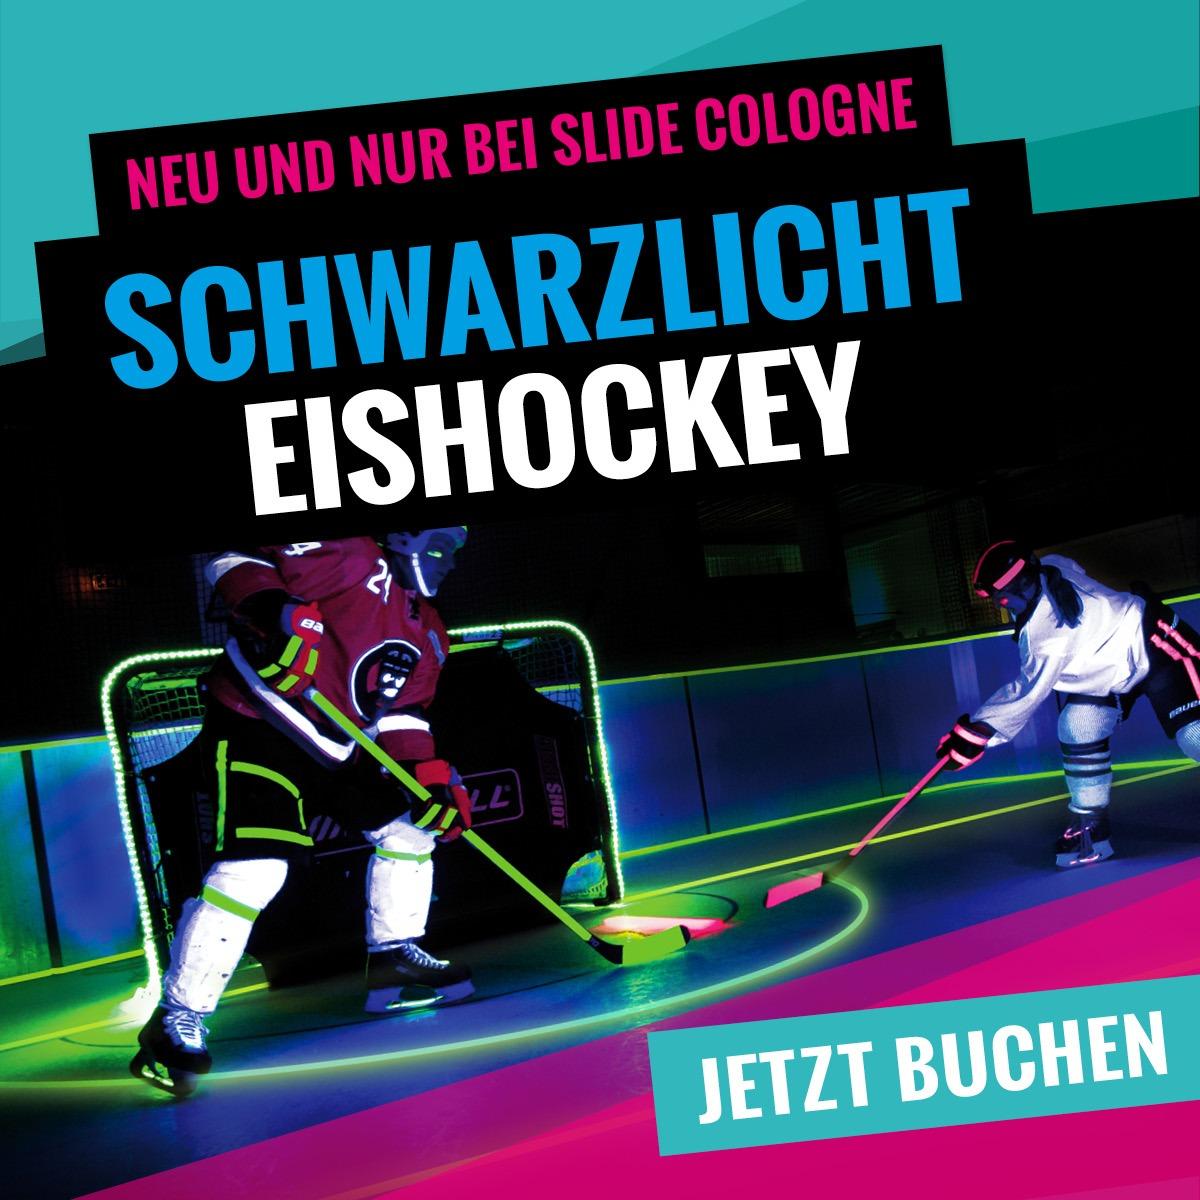 Schwarzlicht Eishockey bei SLIDE COLOGNE - Kölns 1. Kunsteis-Arena in Dellbrueck